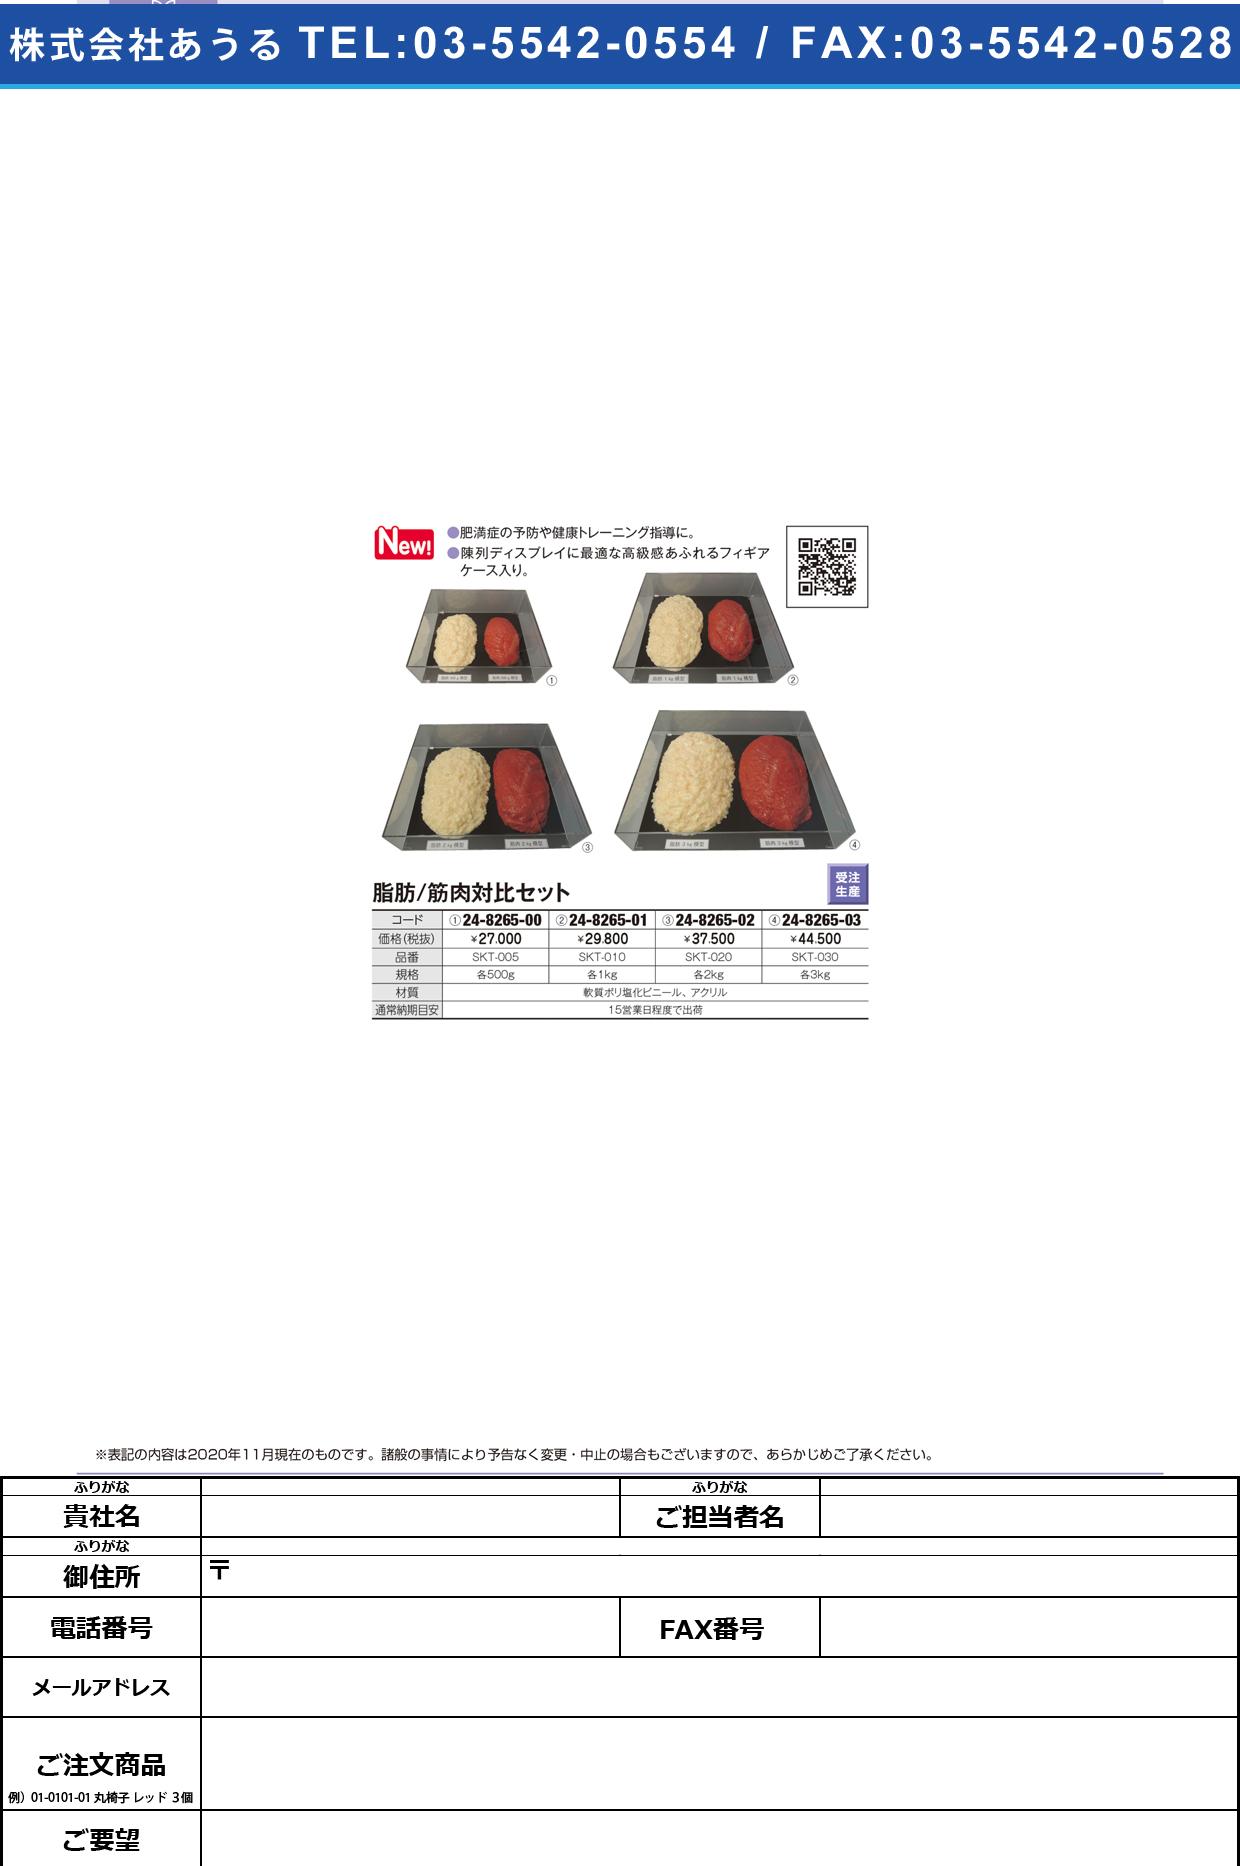 脂肪/筋肉対比セット(3Kg) SKT-030(アクリルケースツキ)SKT-030(アクリルケースツキ)(24-8265-03)【イワイサンプル】(販売単位:1)